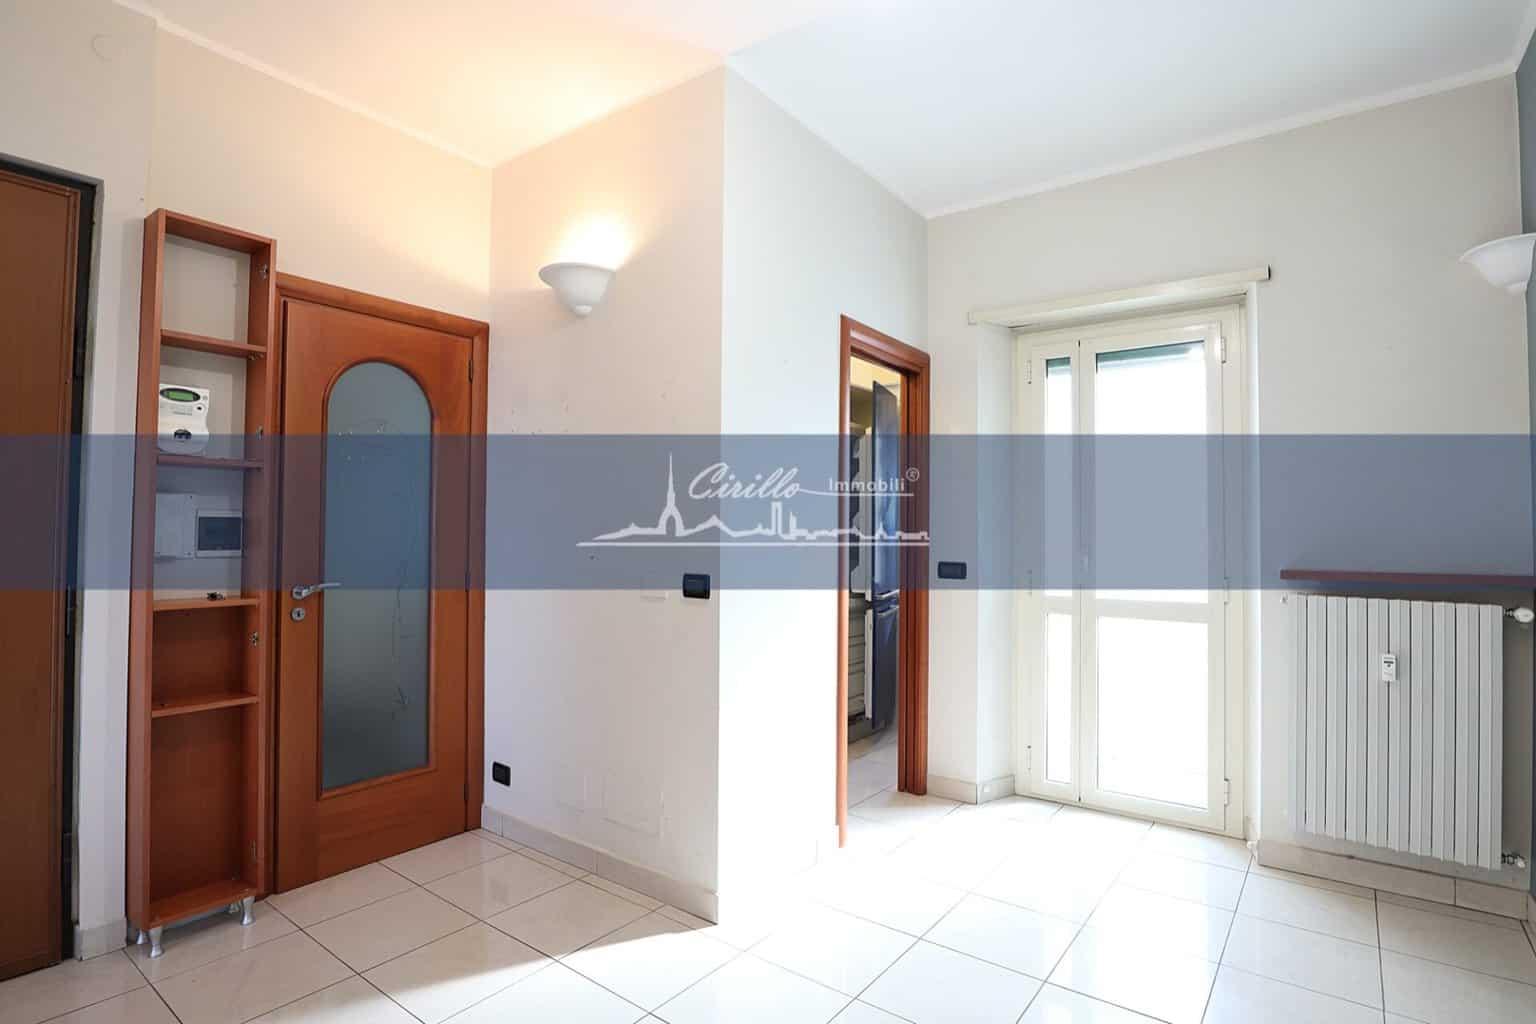 Appartamento corso Casale n.442 – Torino Borgata Rosa